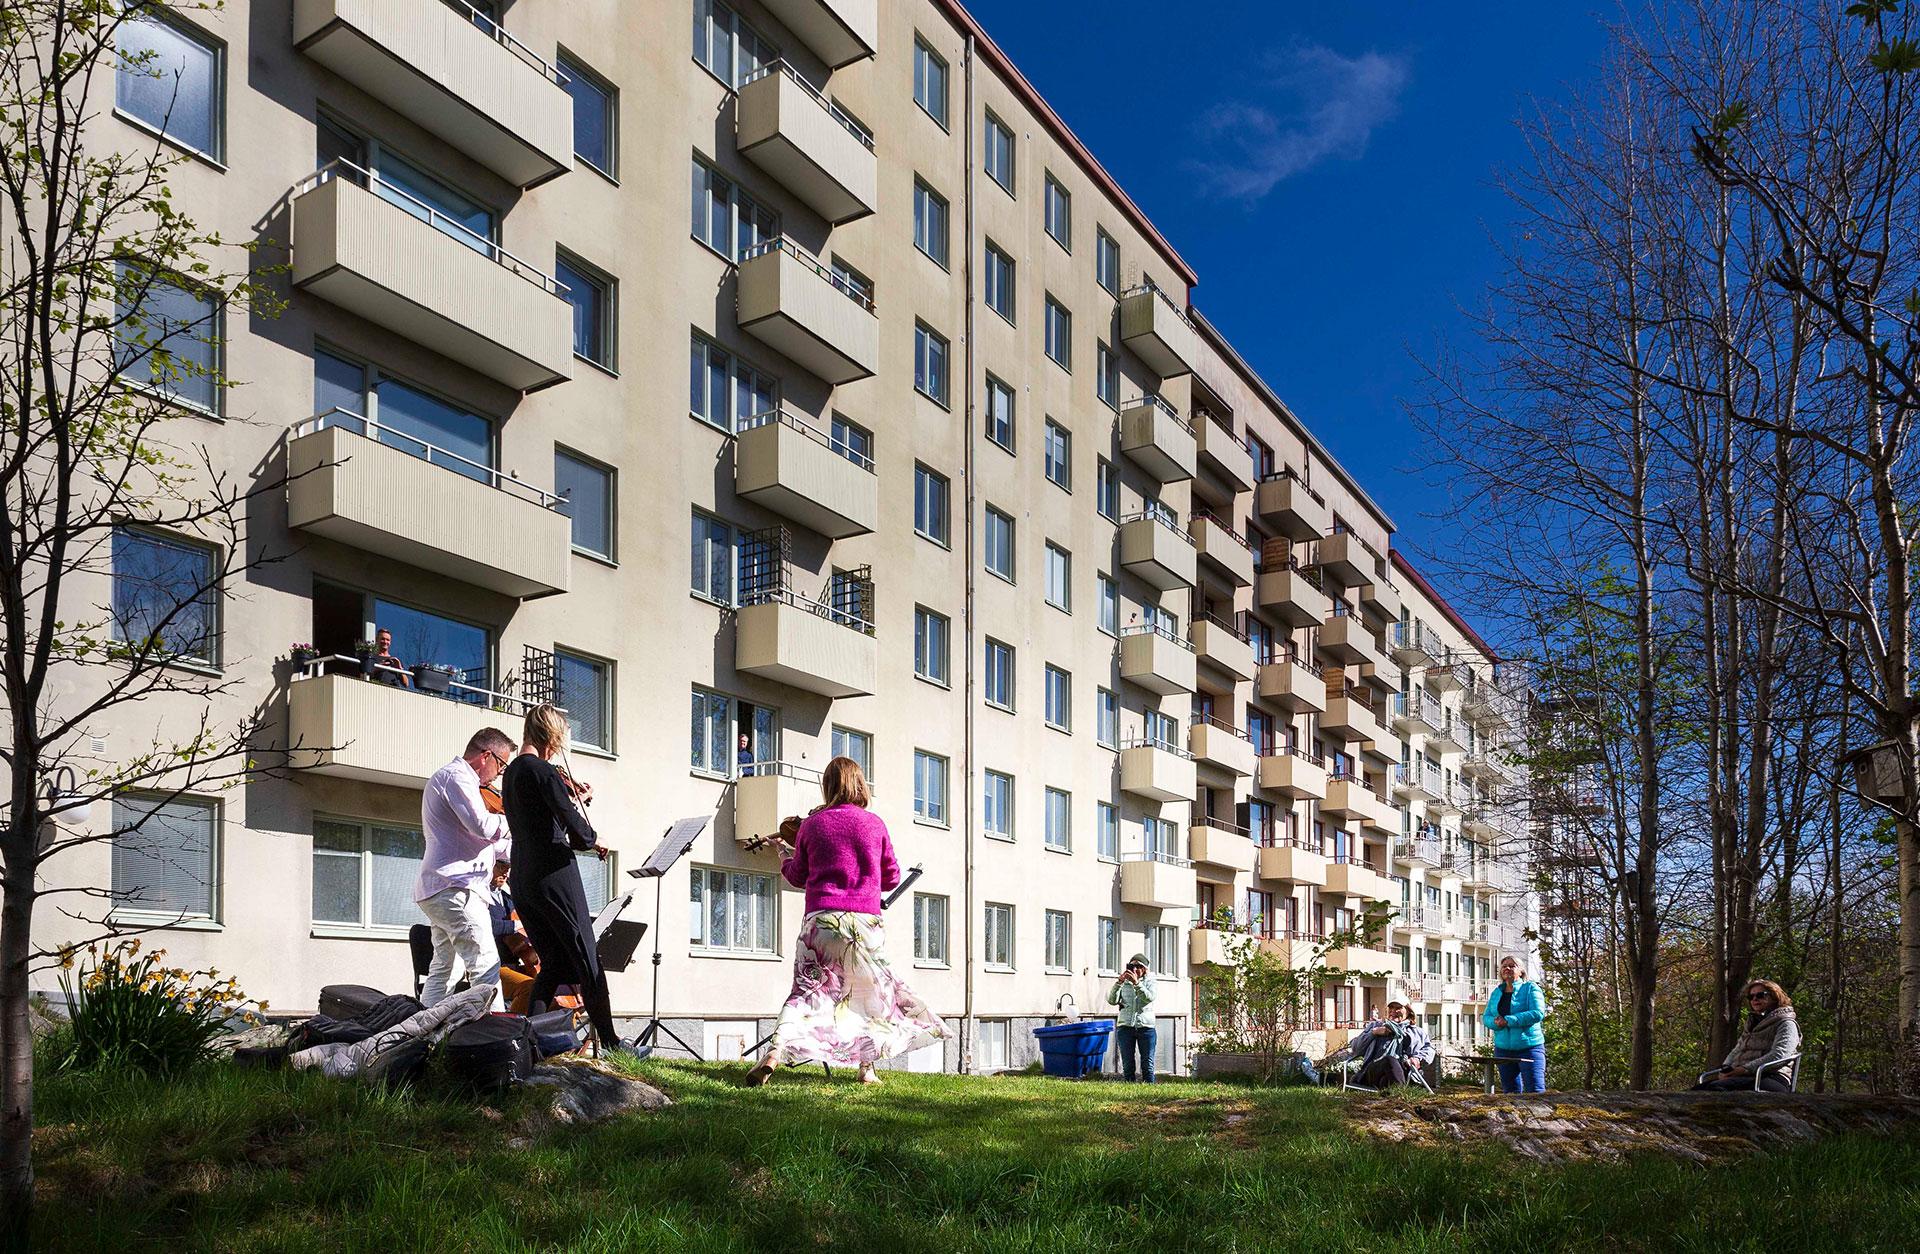 En kvartett från Göteborgs Symfoniker spelar utanför ett höghus. Människor lyssnar från fönstren och står runt om på gården.